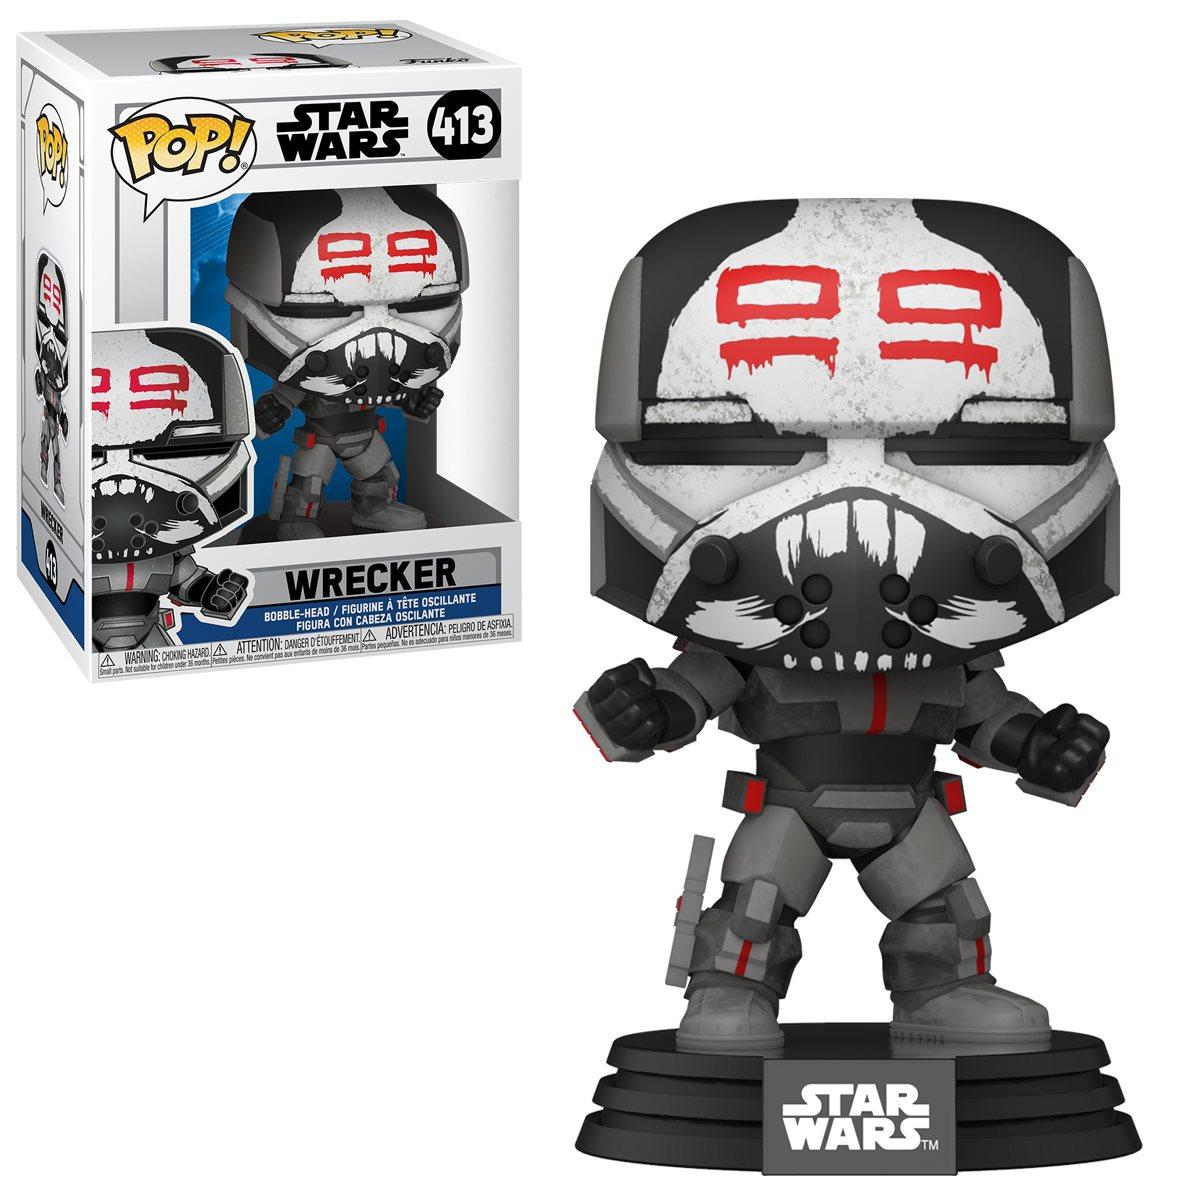 PRÉ VENDA: Funko Pop! Wrecker: Star Wars: The Clone Wars #413 - Funko